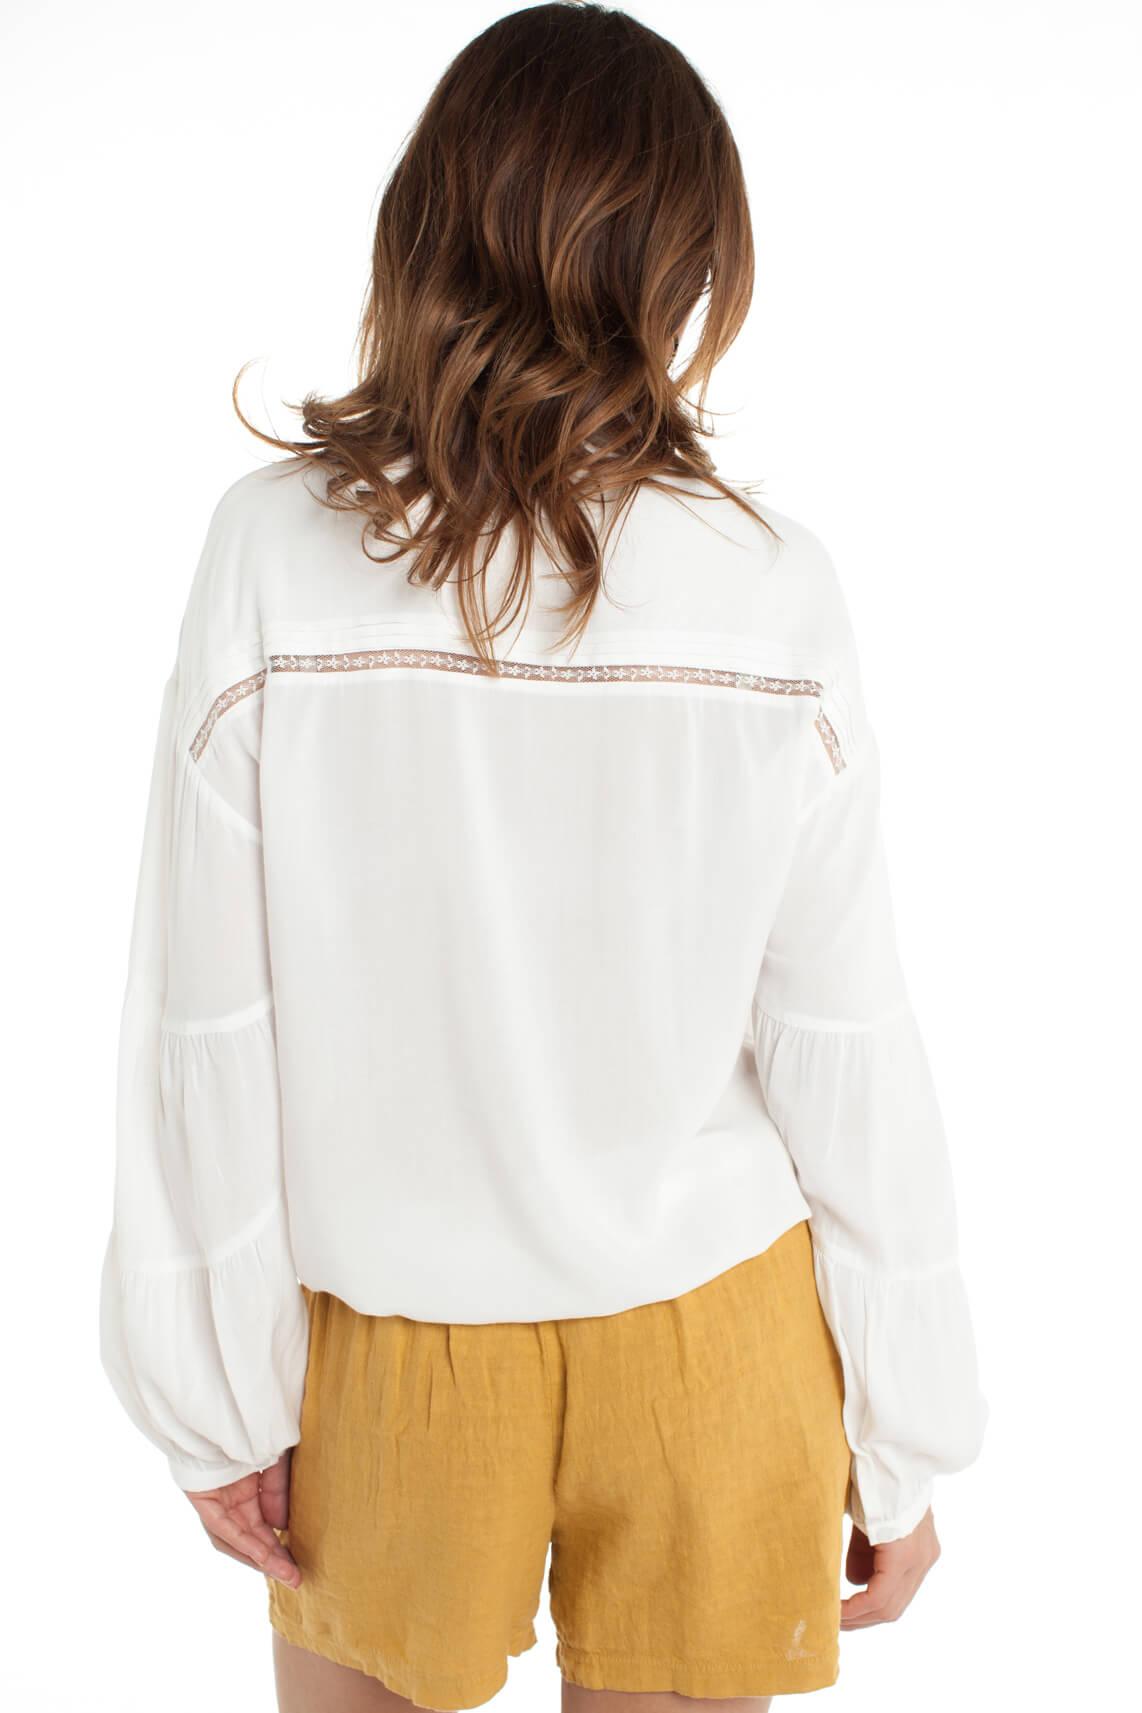 Alix The Label Dames Romantische blouse wit